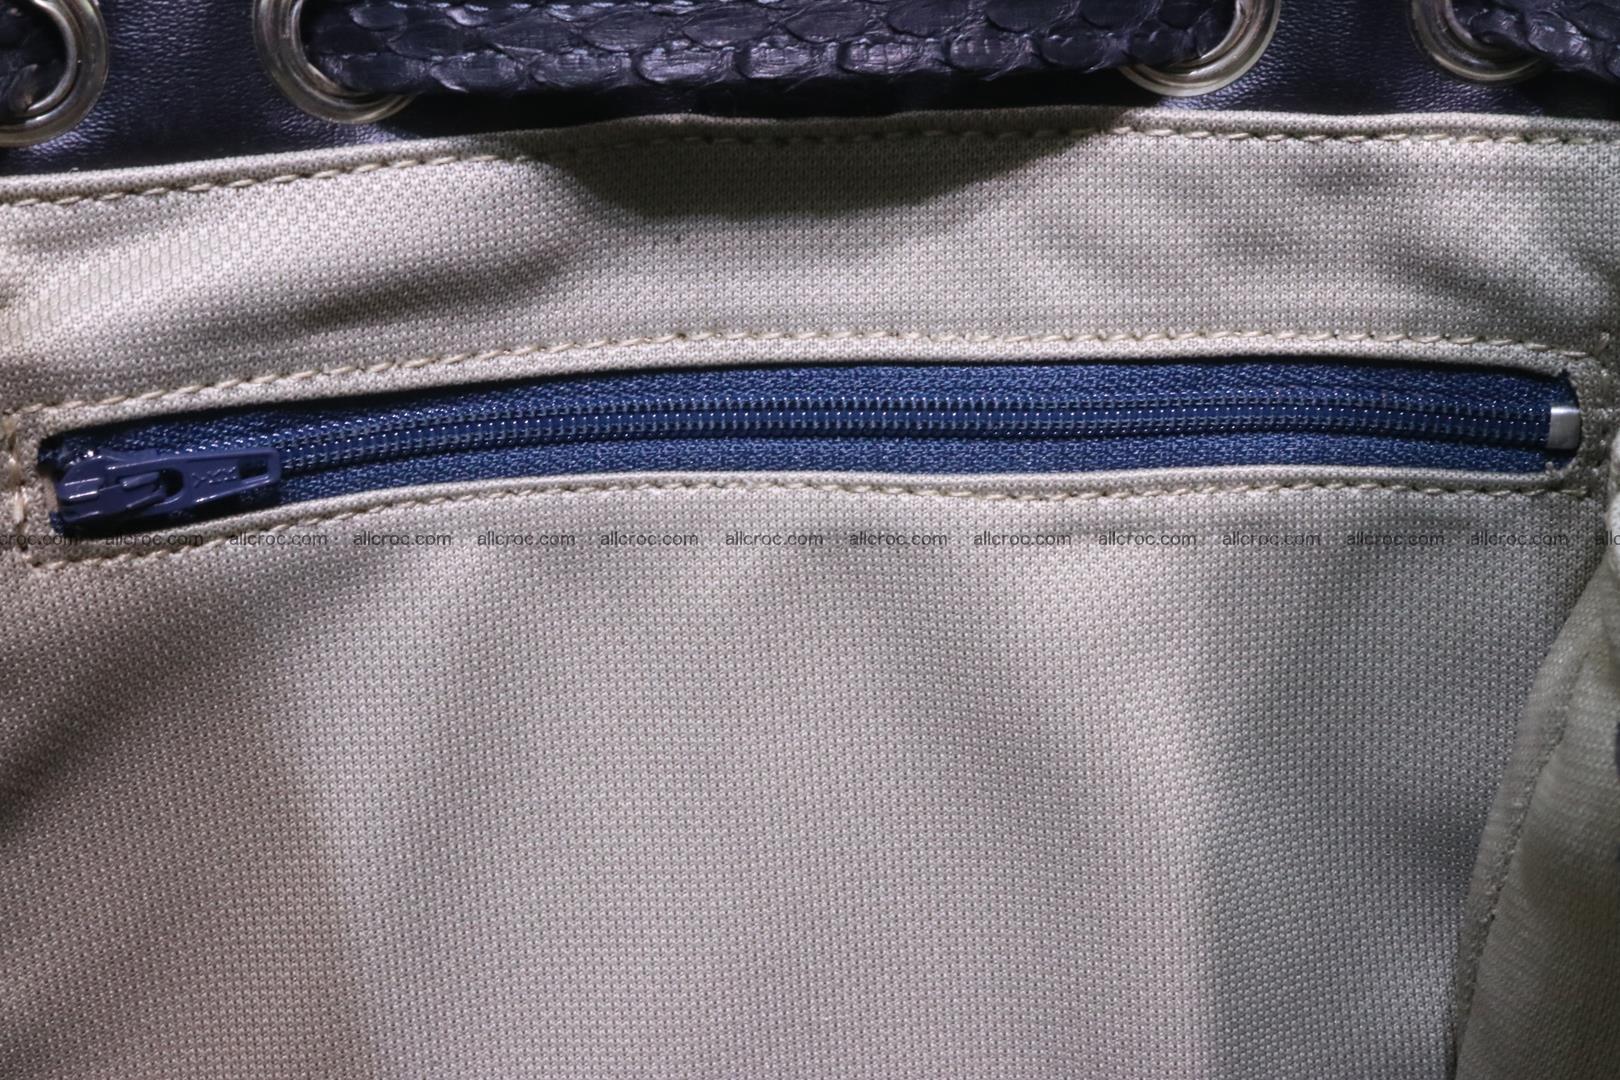 Cobra skin backpack with head of cobra 417 Foto 12